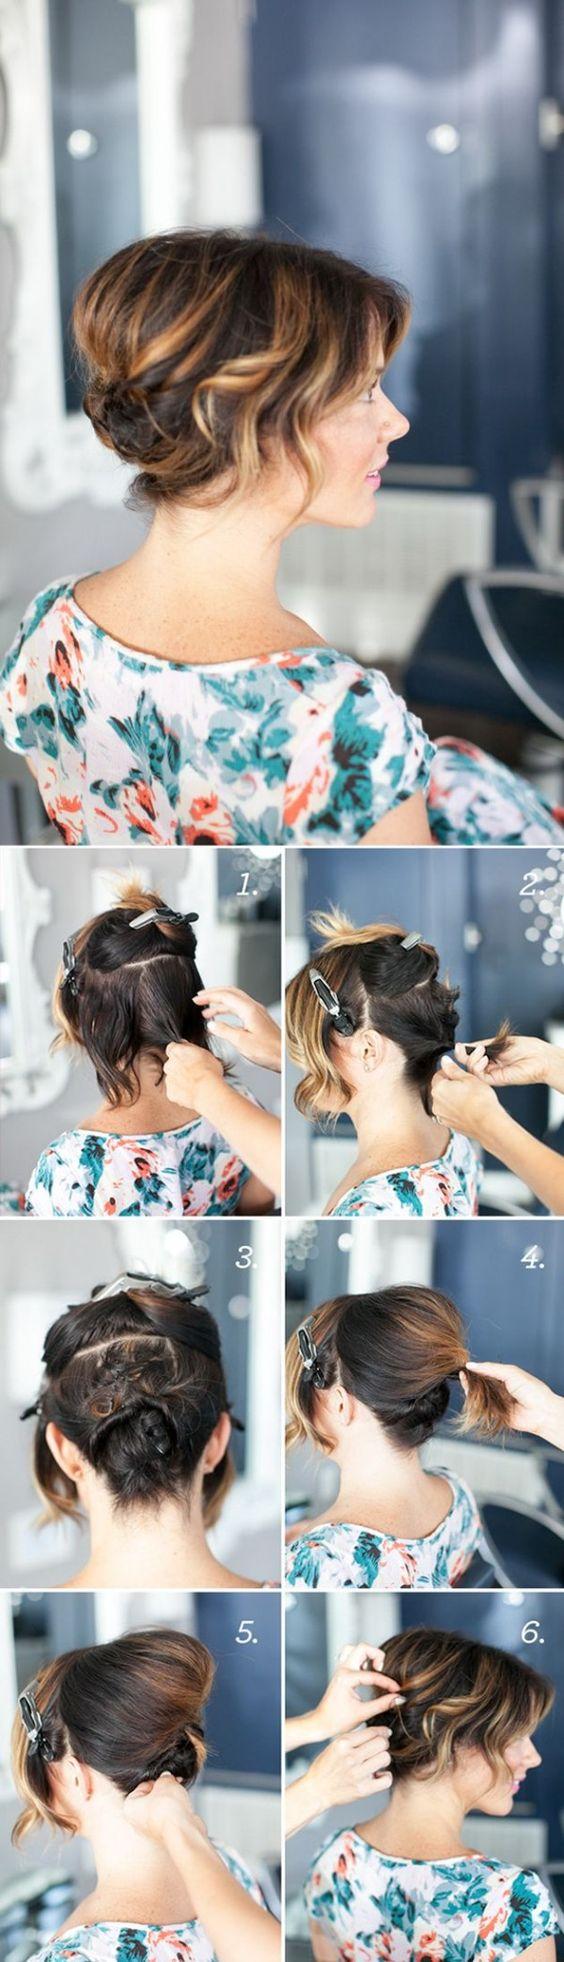 PEINADO PARA EVENTO - 10 Sencillos Peinados Para Cabello Corto